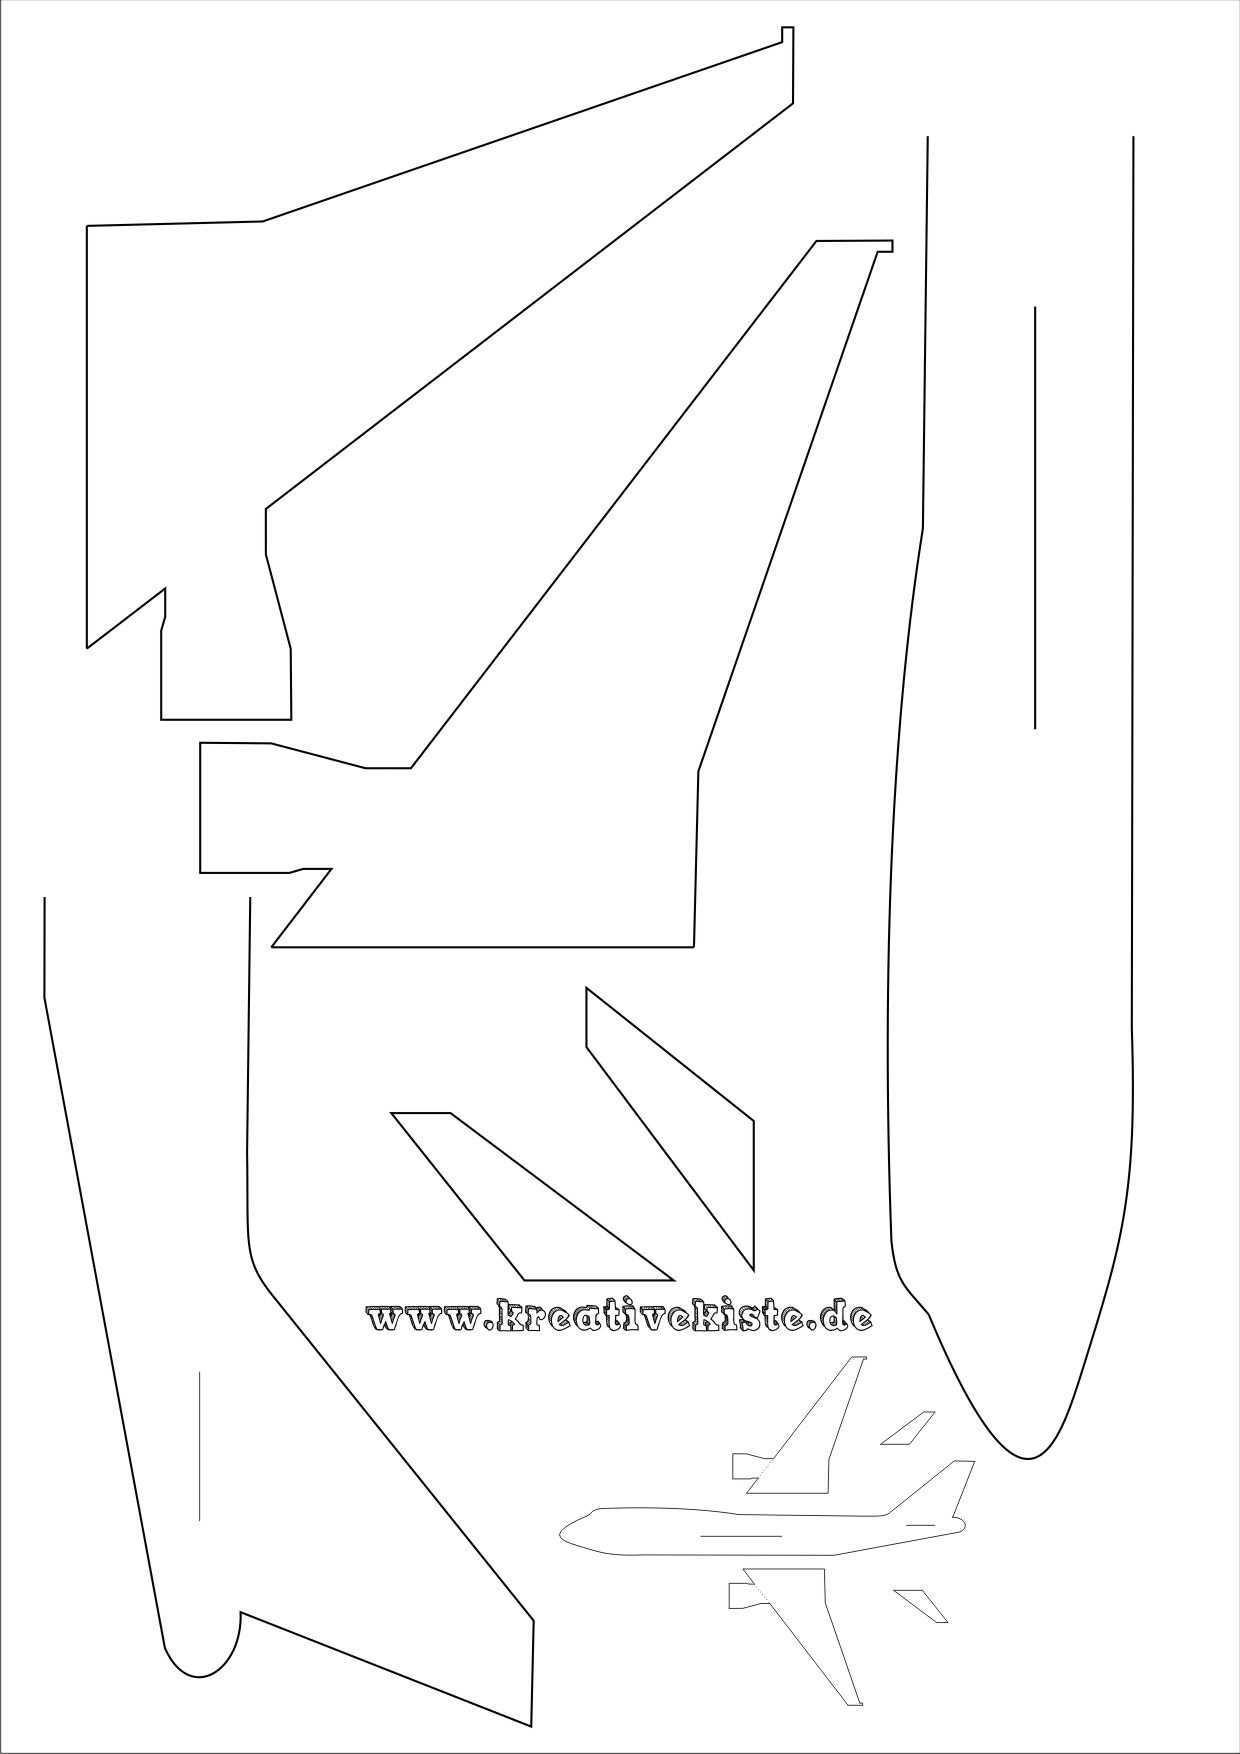 Laubsaege Flugzeug Basteln A4 Flugzeug Basteln Vorlagen Laubsagen Vorlagen